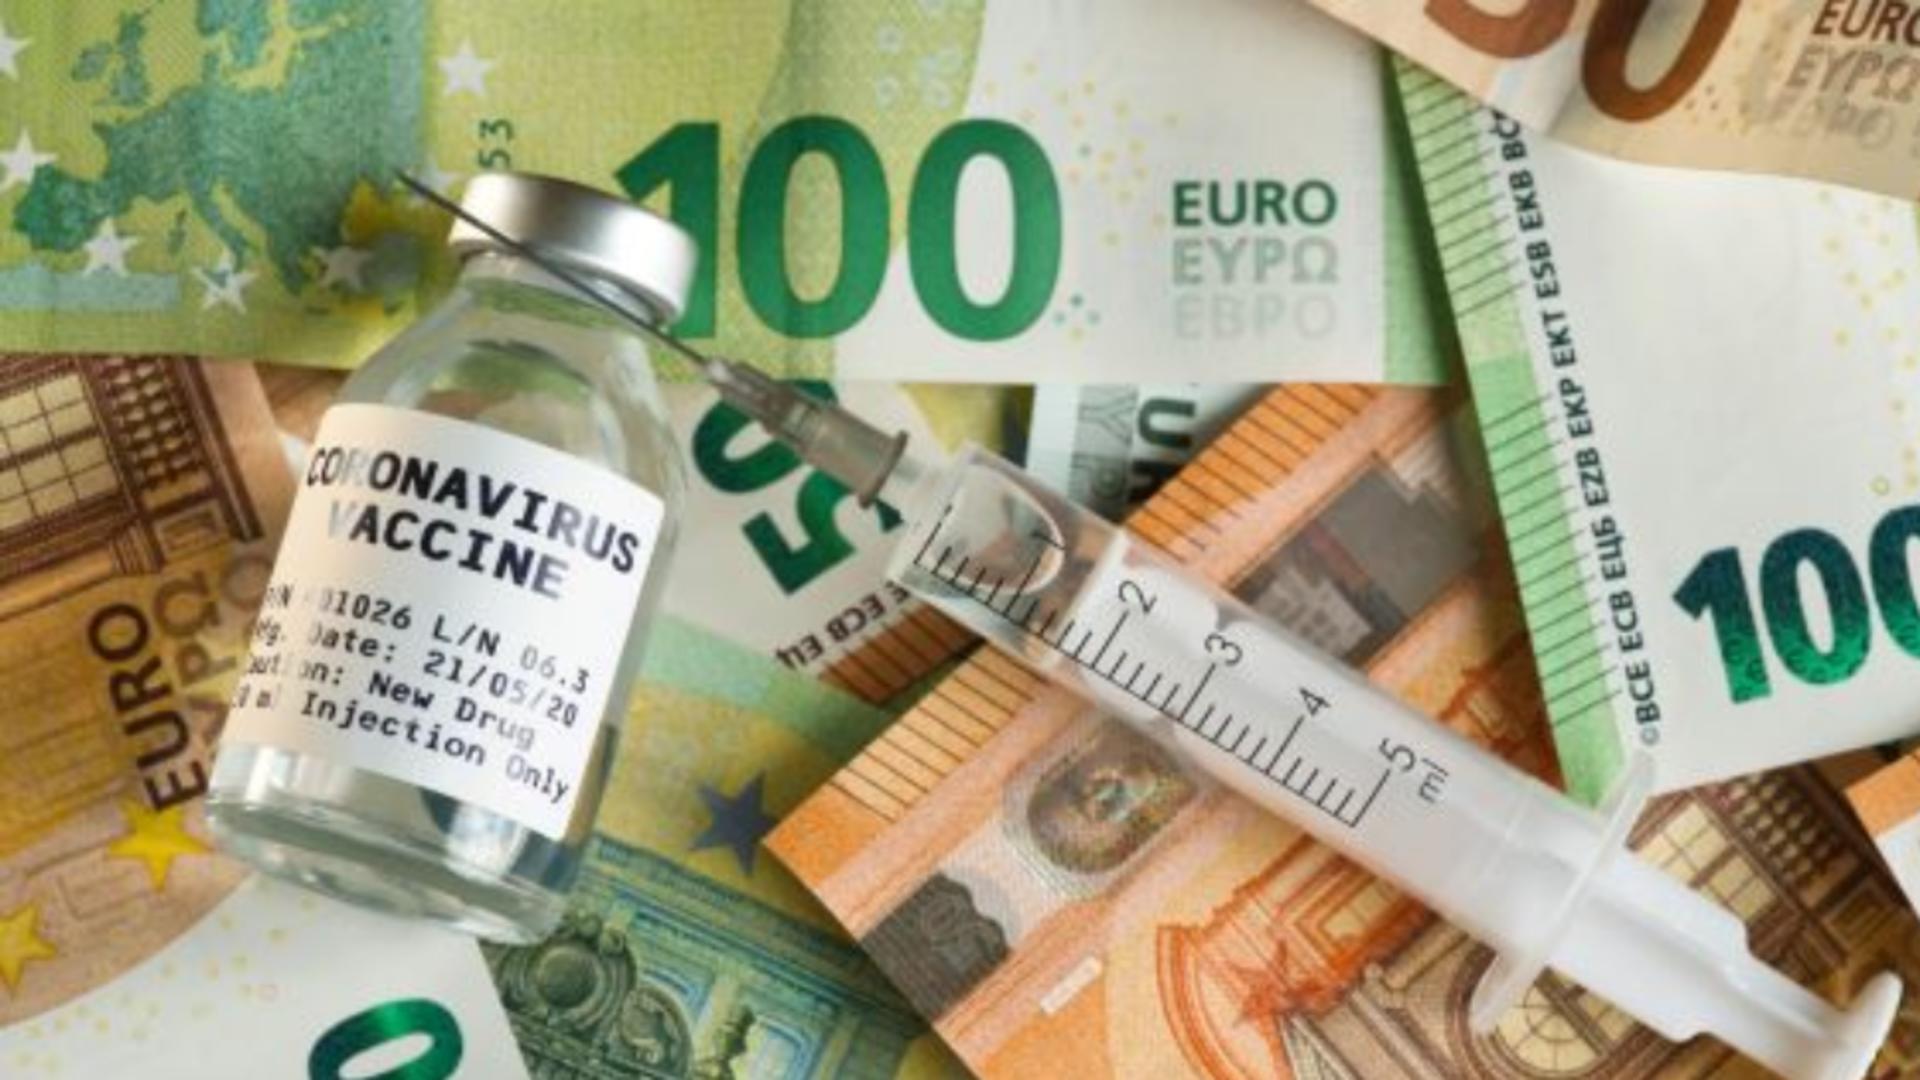 Străinii vor plăti ca să se vaccineze anti-COVID-19 în România